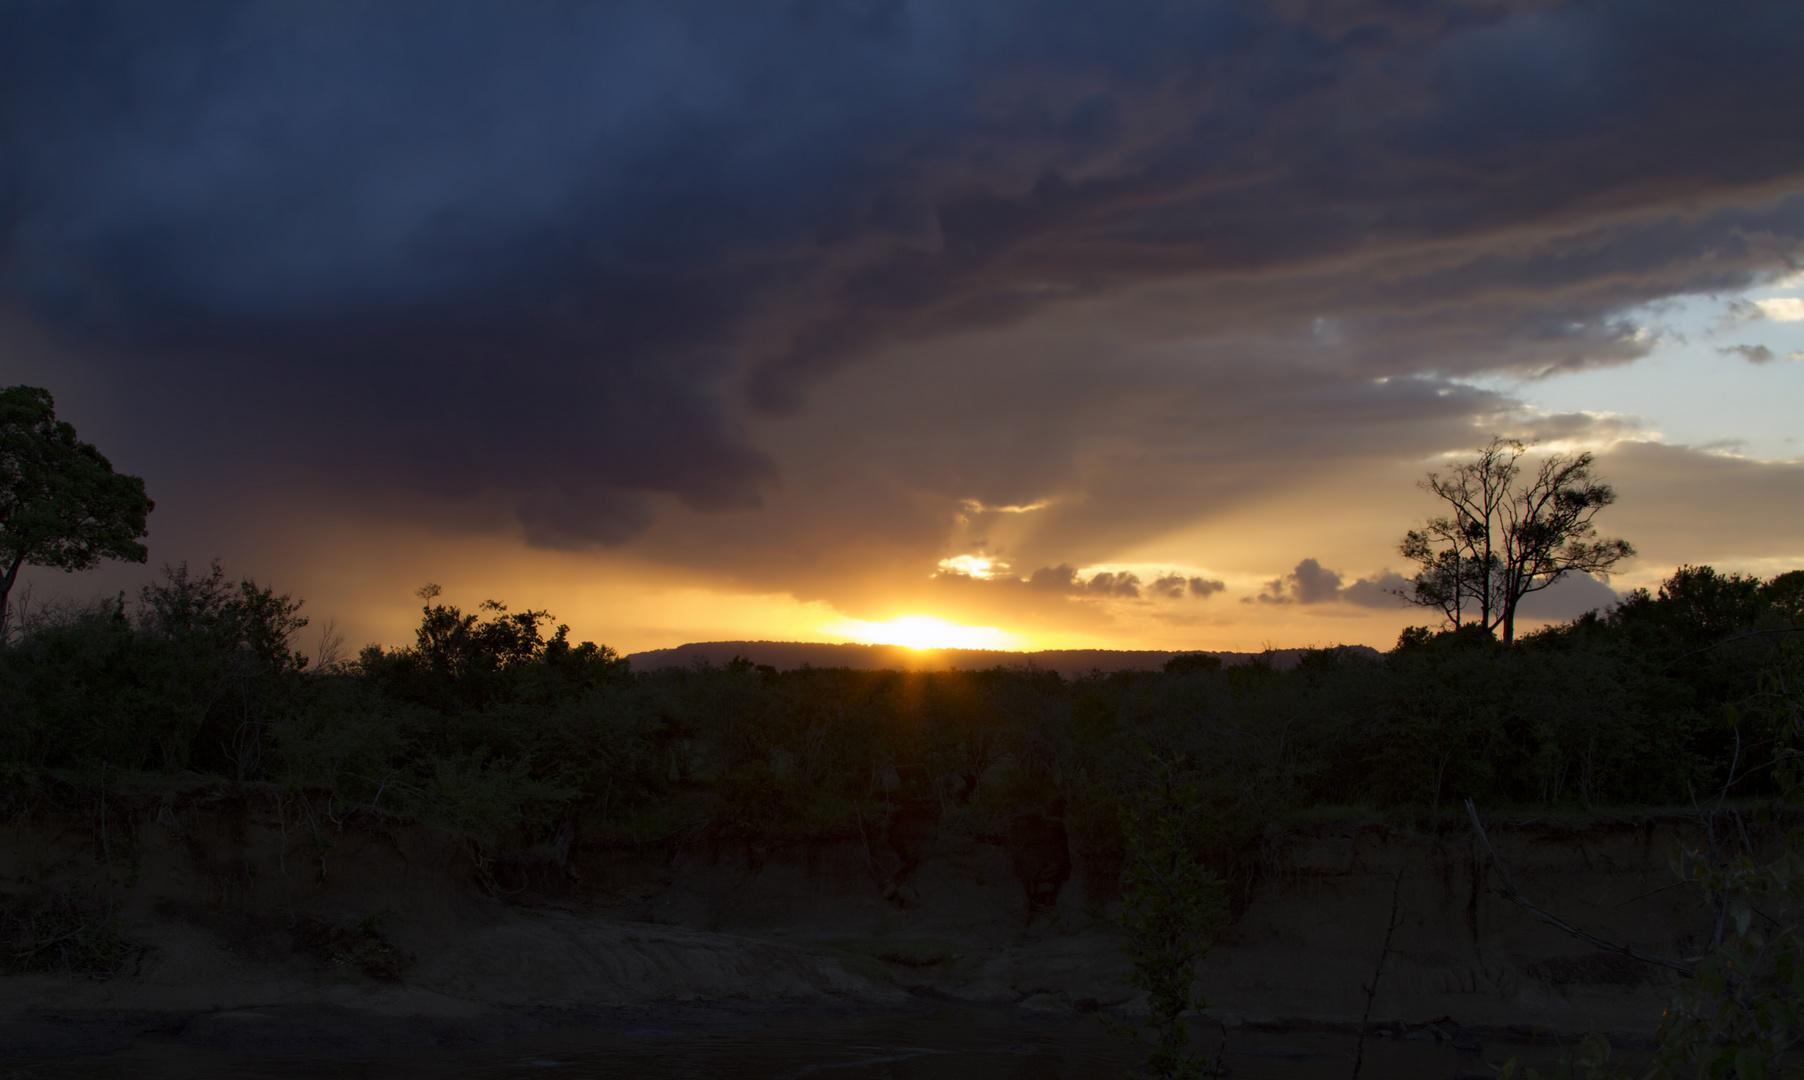 Wolkenformation in der Masai-Mara